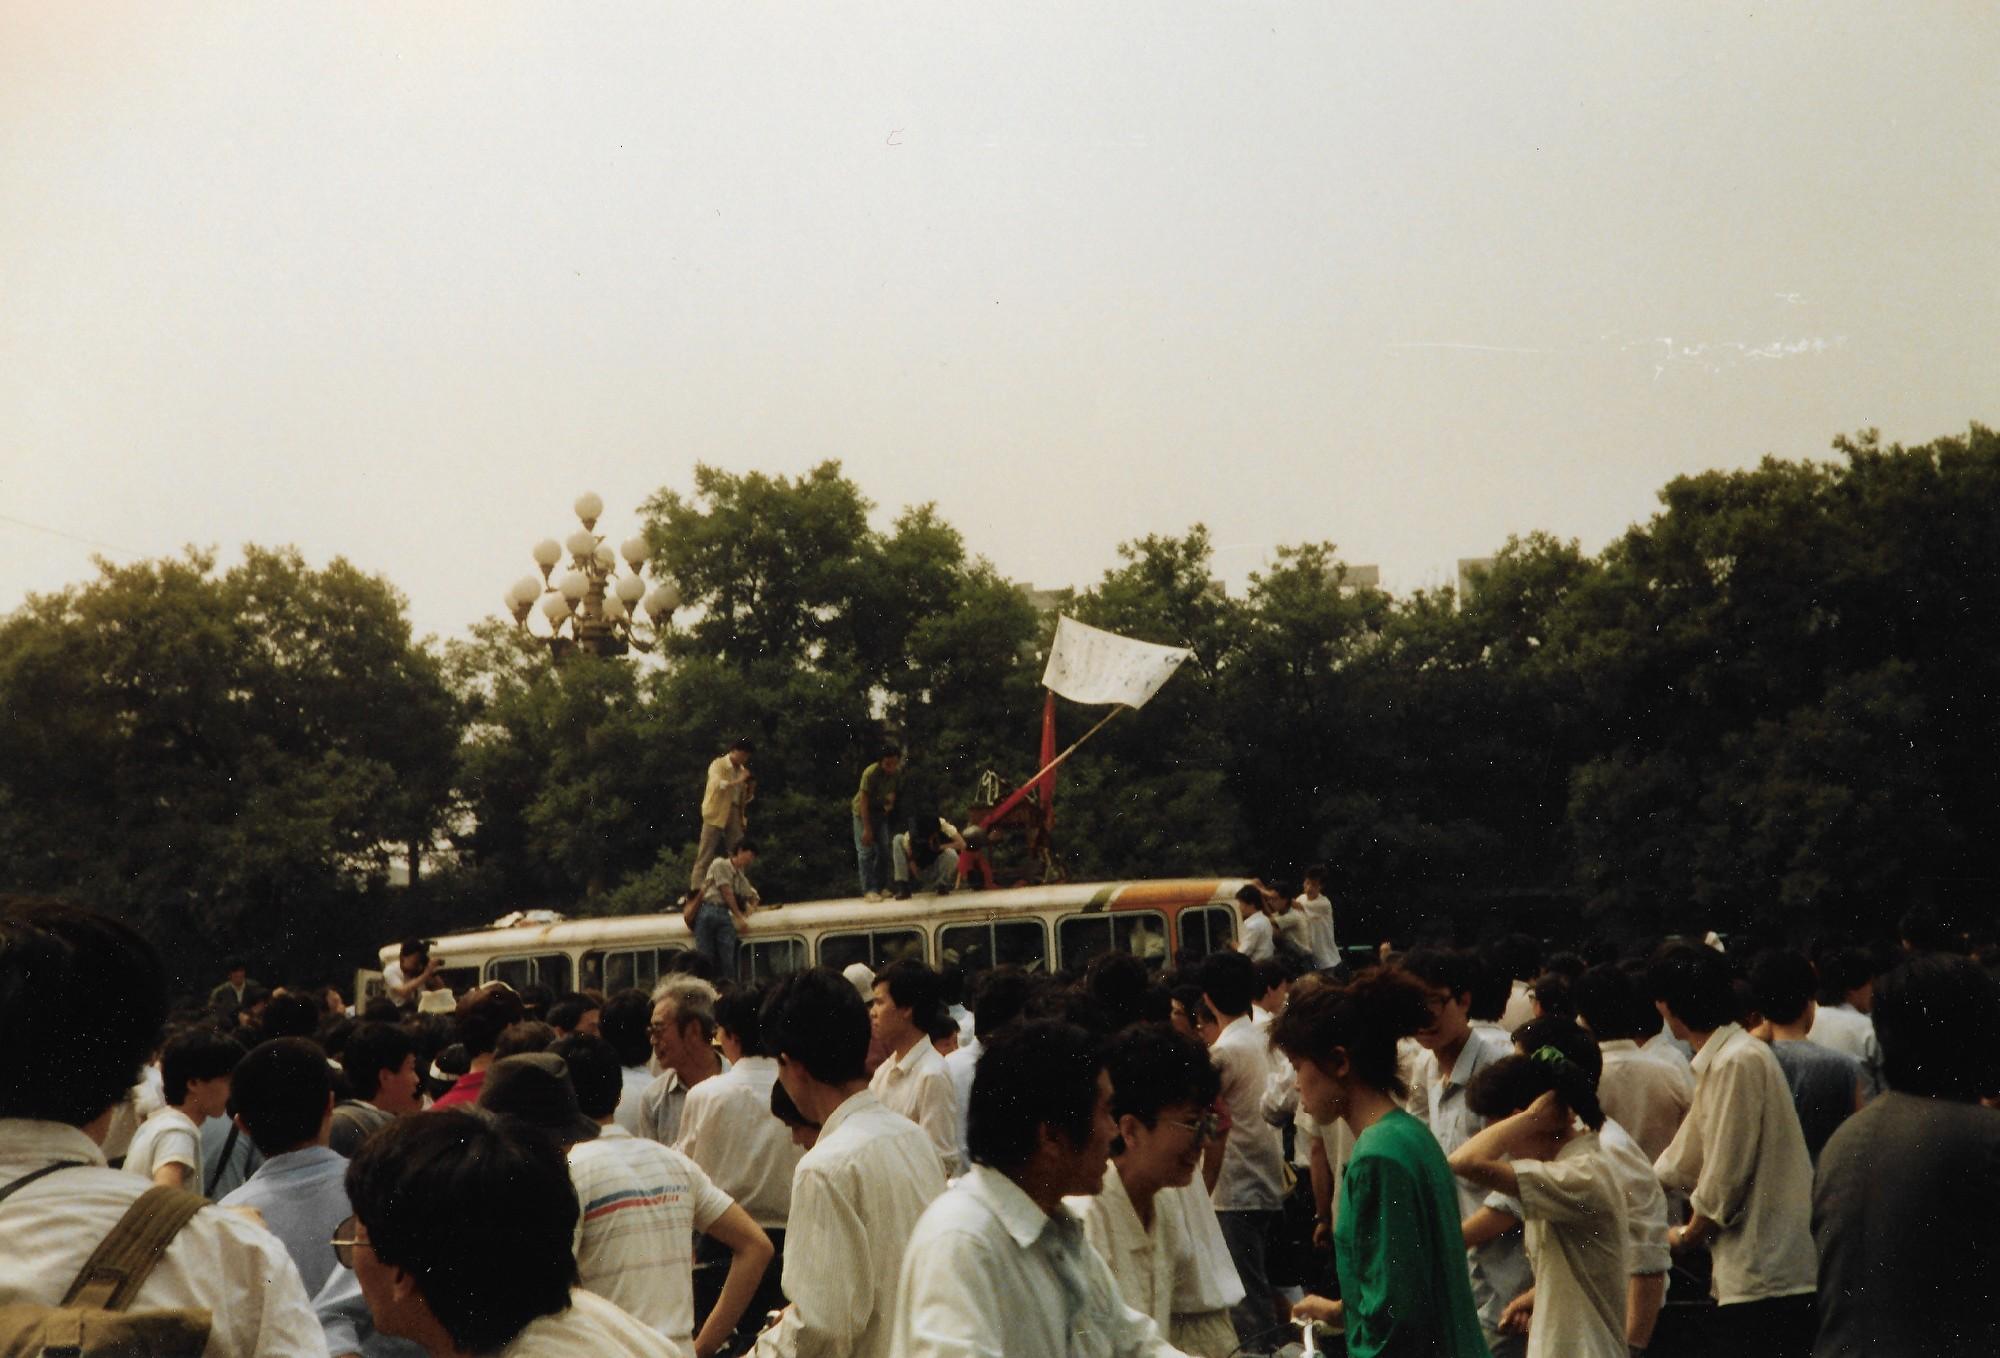 1989年6月3日上午,北京市西單路口。學生堵住運武器的軍車。(王珍提供)